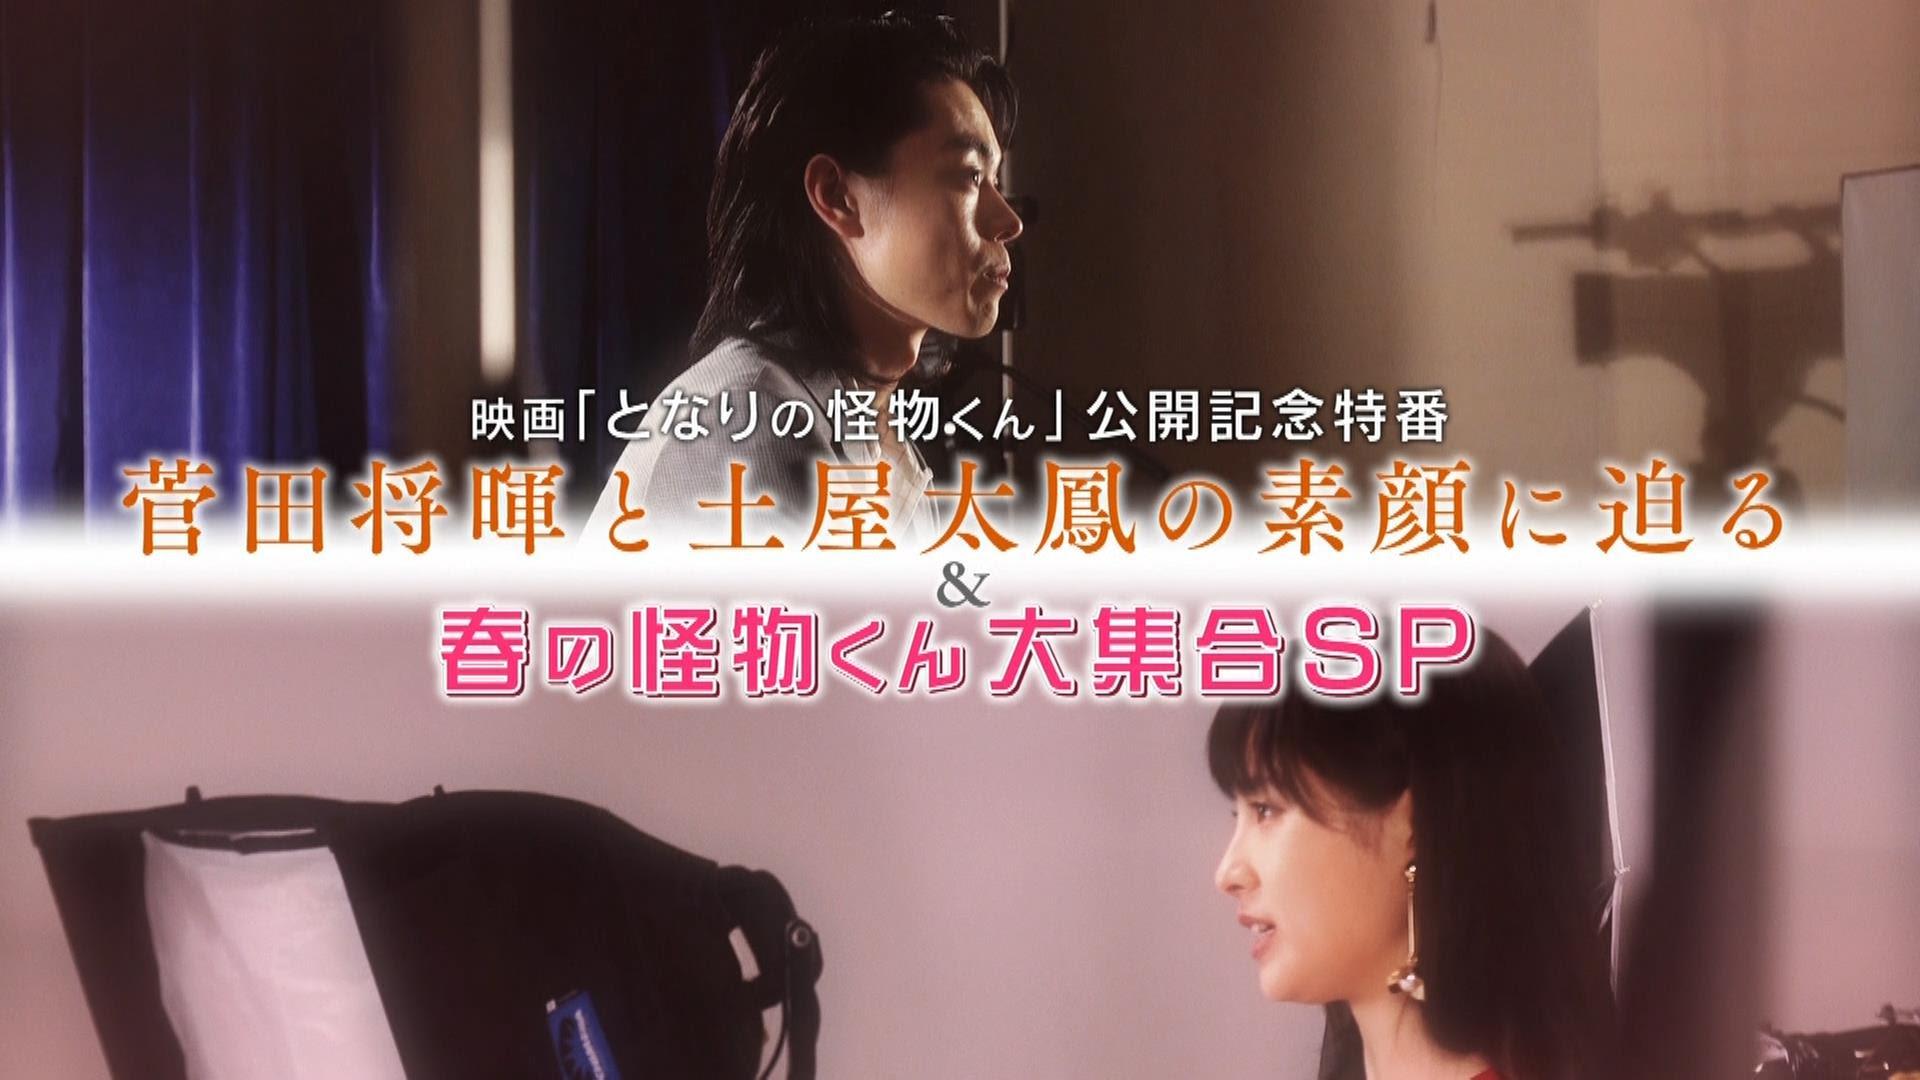 Tonari No Kaibutsu Kun Special Programme 菅田将暉